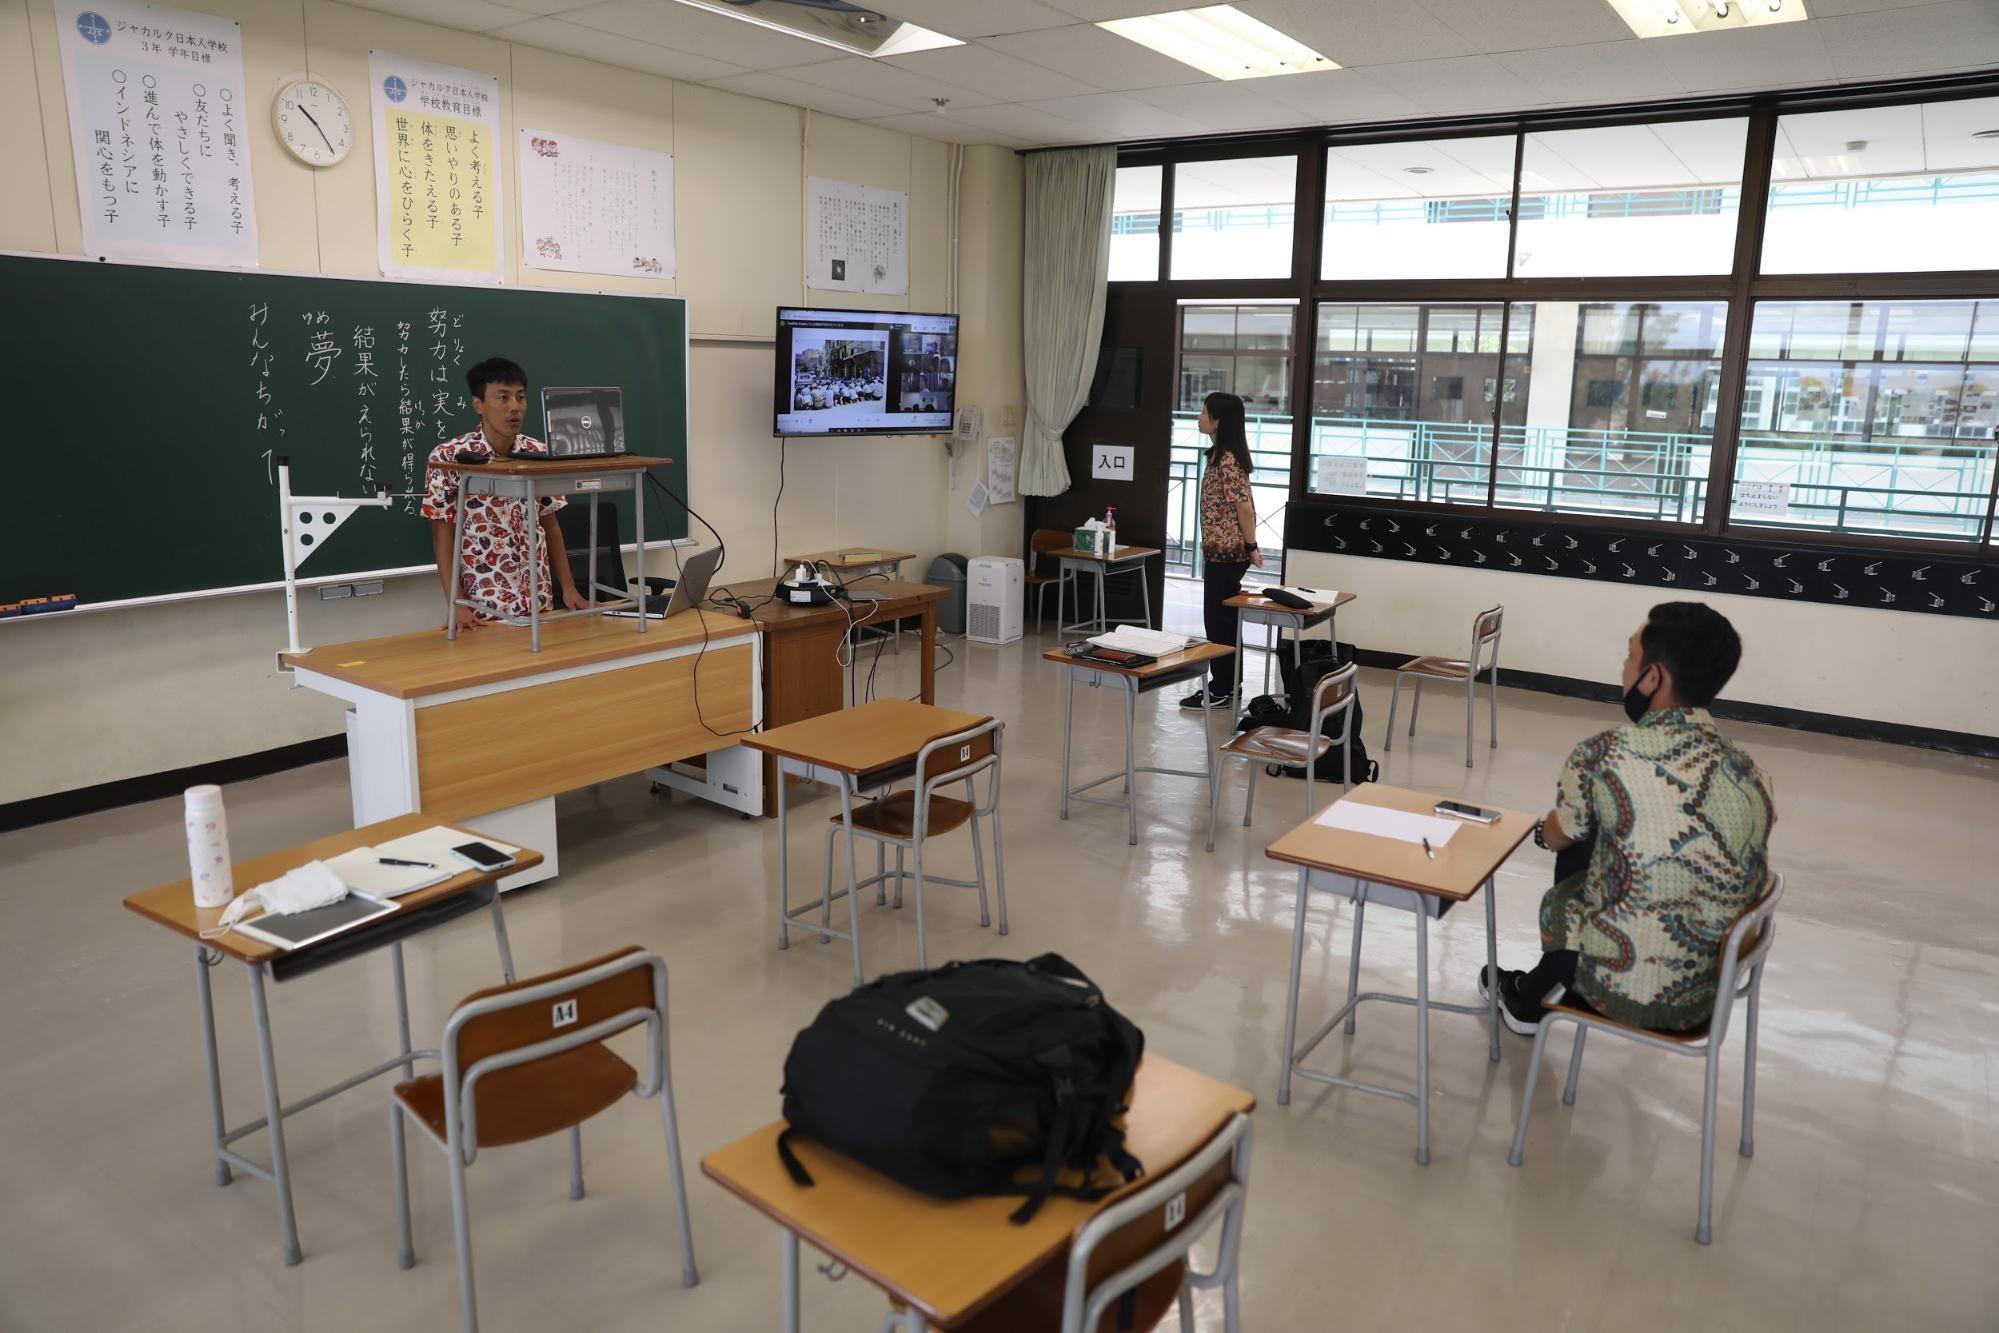 児童がいない小学3年の教室でオンライン授業をする北岡良仁教諭=2021年3月、南タンゲラン市、野上英文撮影